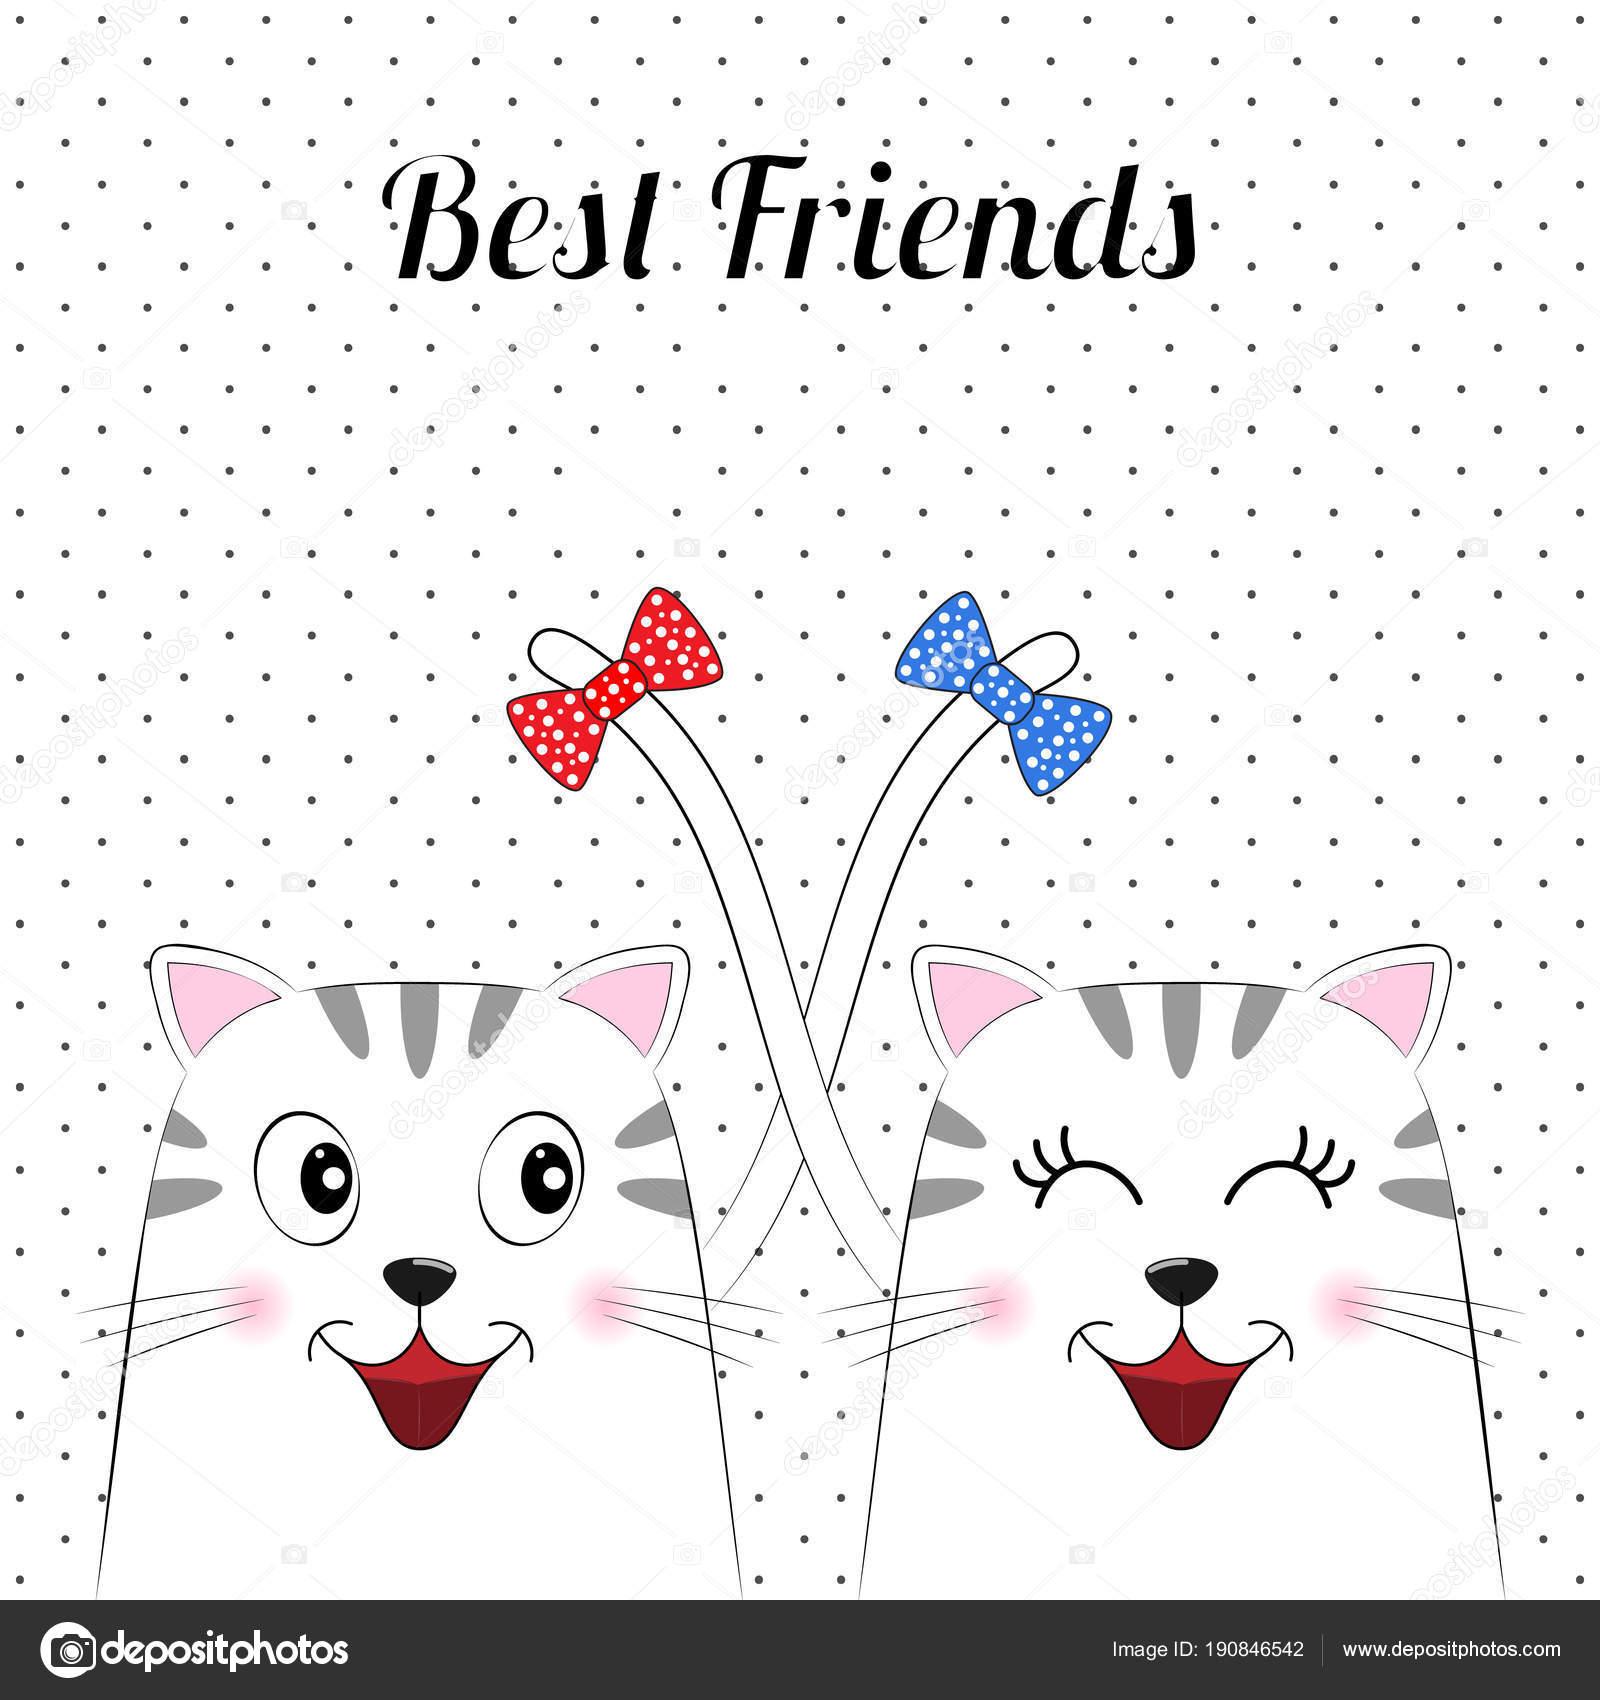 Dibujos Para Mejores Amigos Dos Dibujos Animados De Gatos Lindos